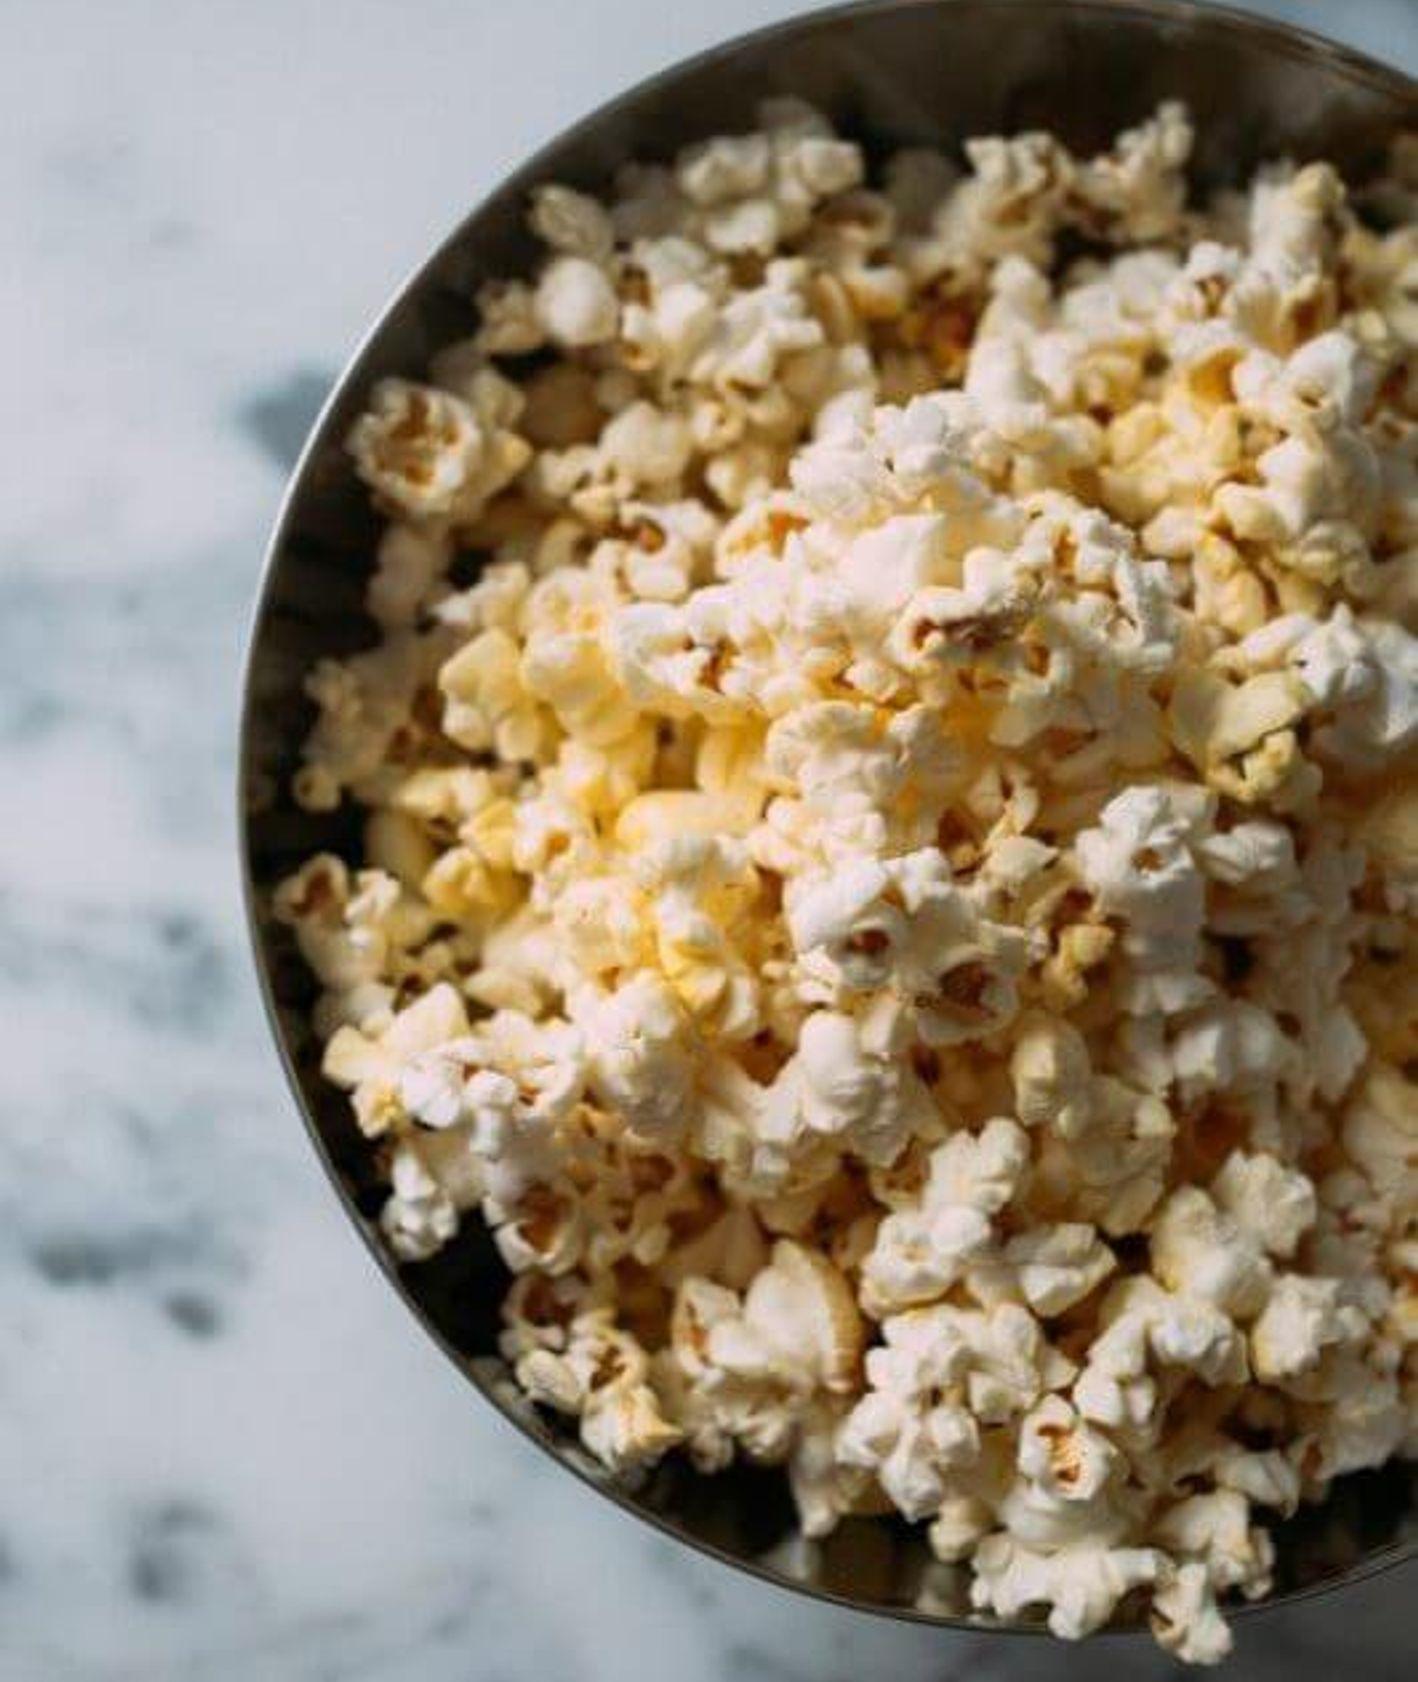 domowy popcorn, jak zrobić popcorn, popcorn w domu, jak zrobić popcorn w domu, przekąski na imprezę, kukurydza